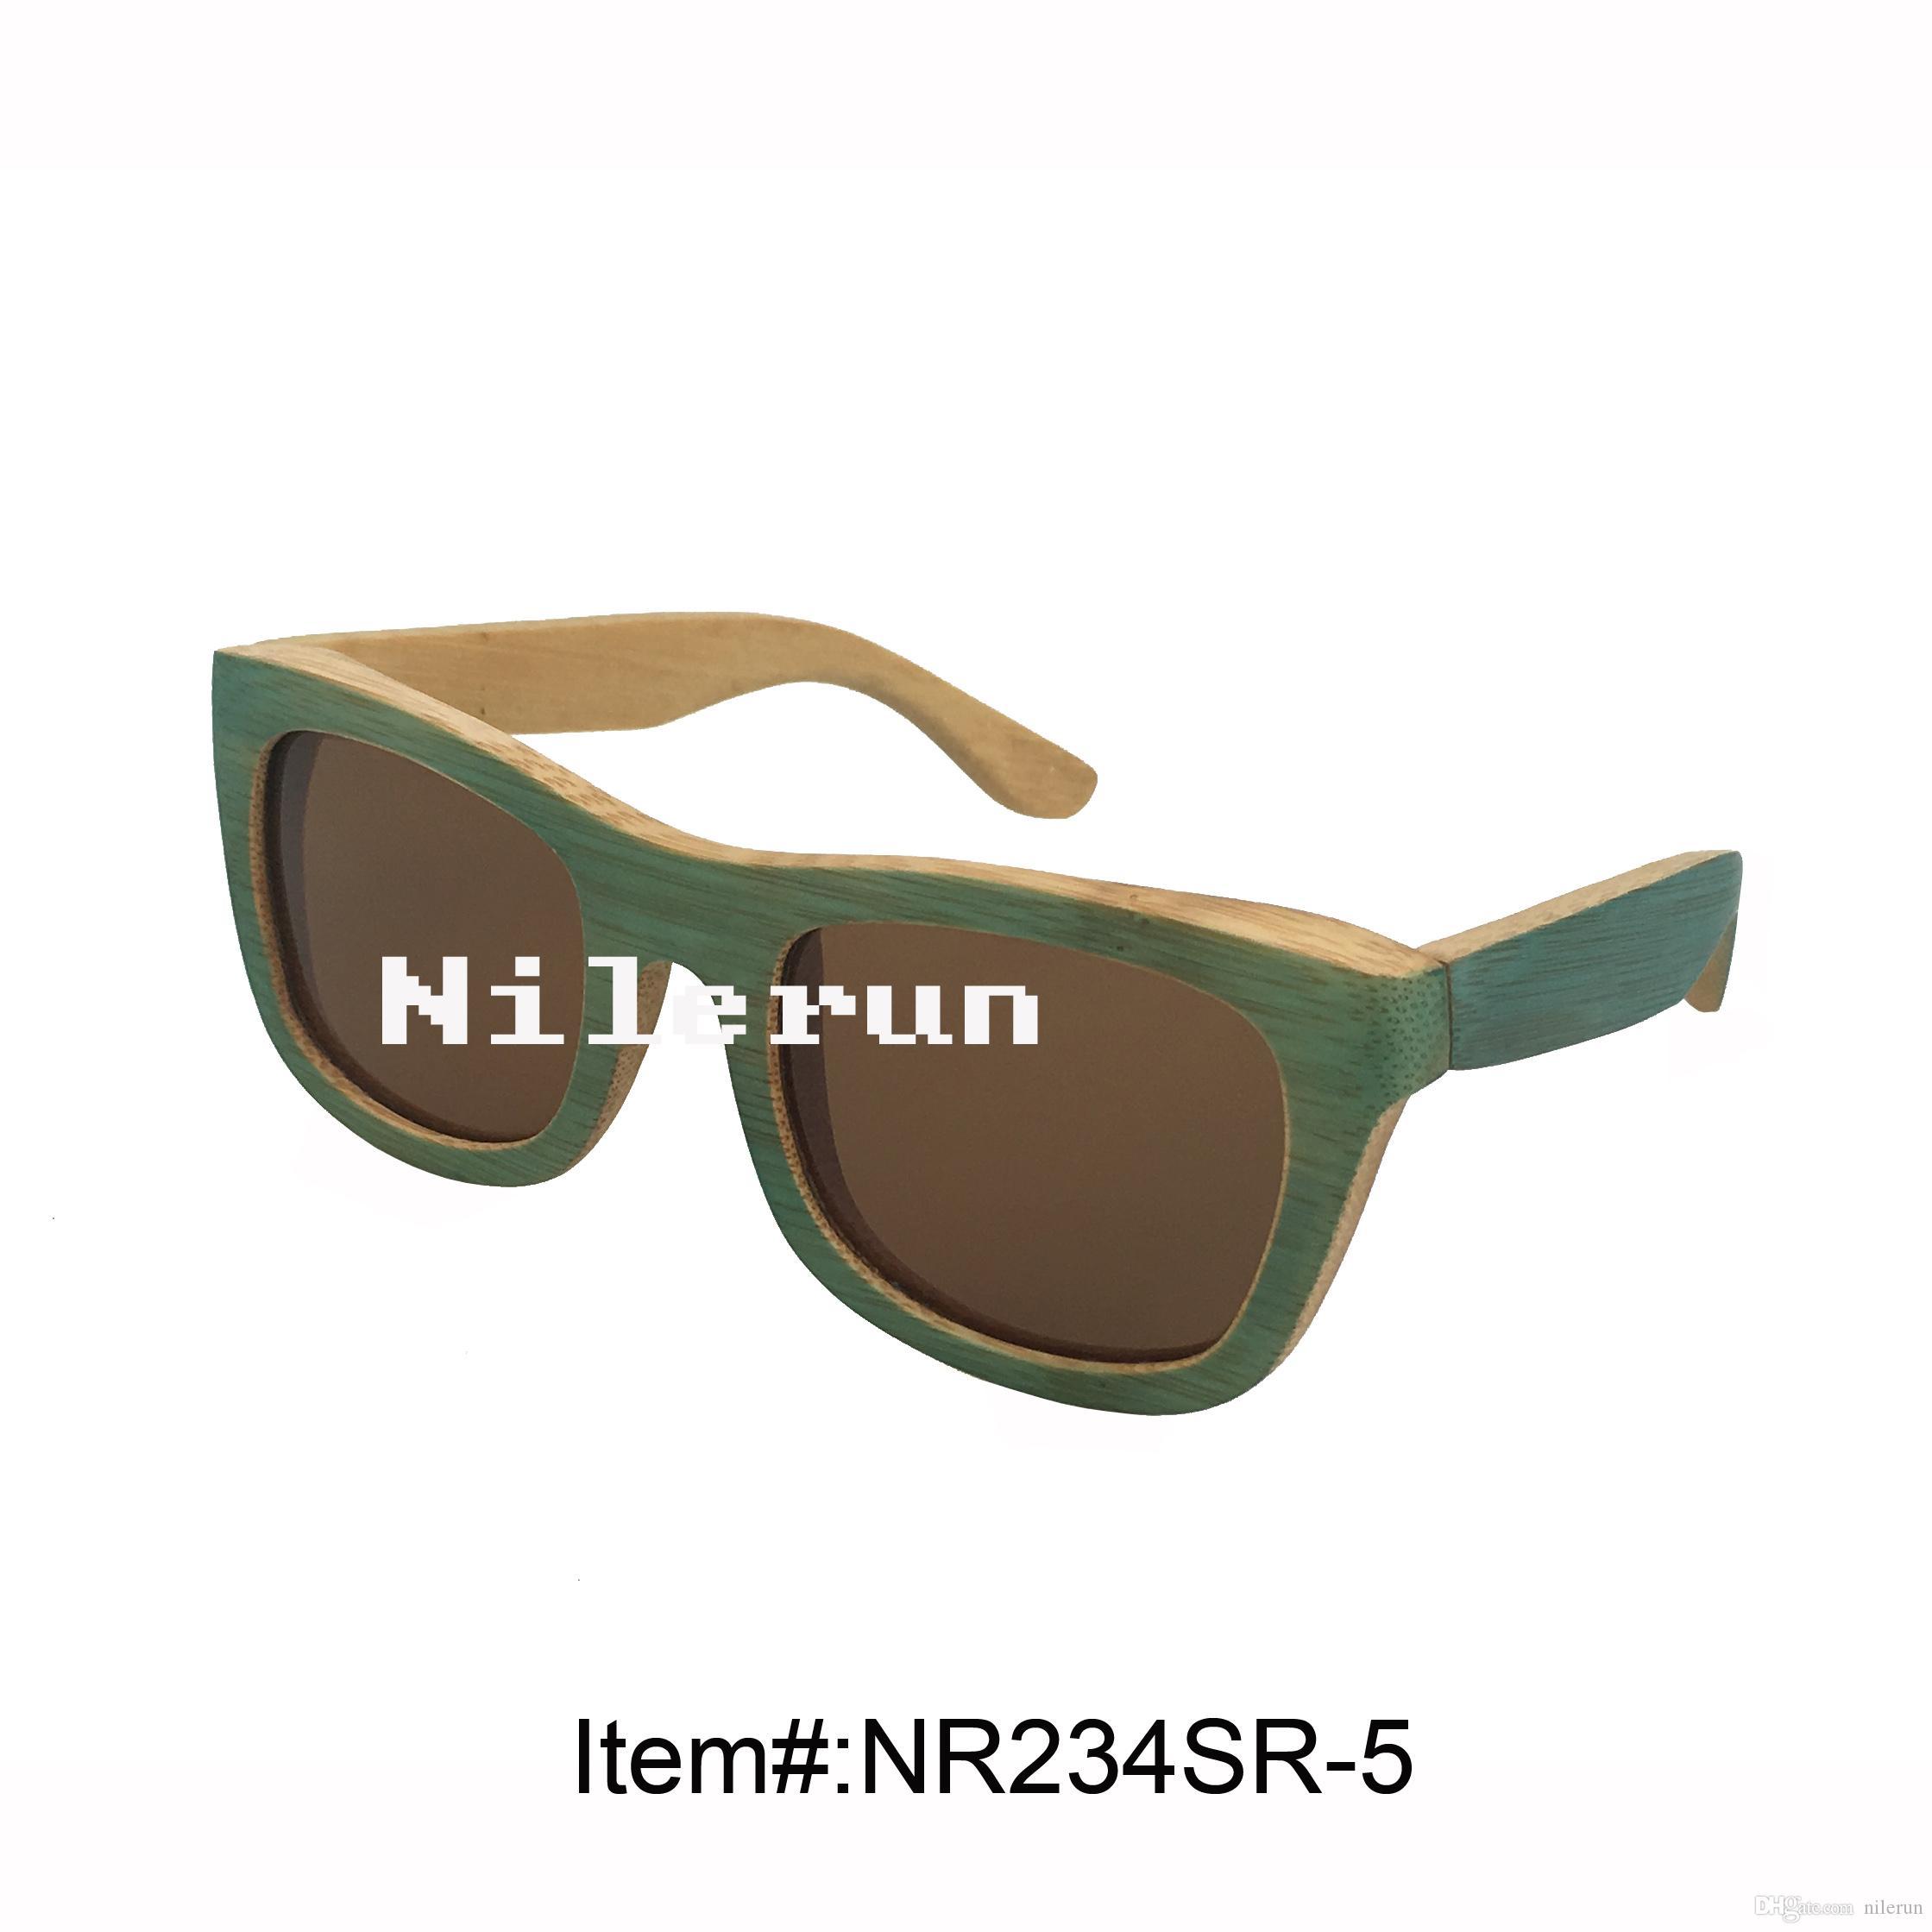 handgefertigte Sonnenbrillen aus Bambus